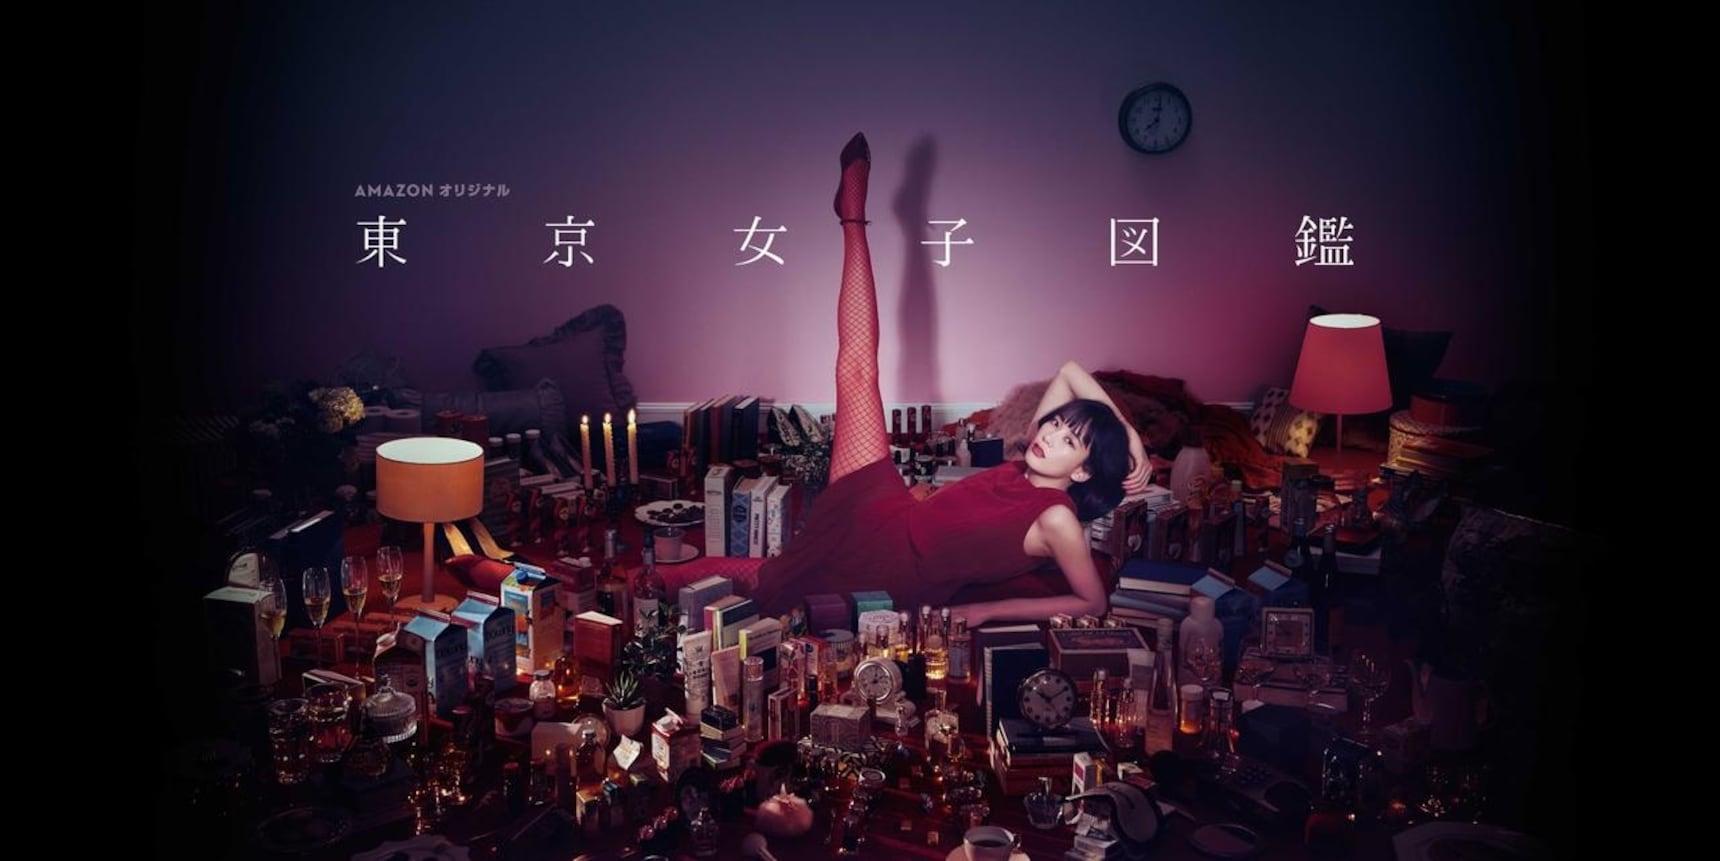 流光散盡,不見當初 — 5個街區的5段人生,熱播日劇『東京女子圖鑑』到底鑑出了什麼?